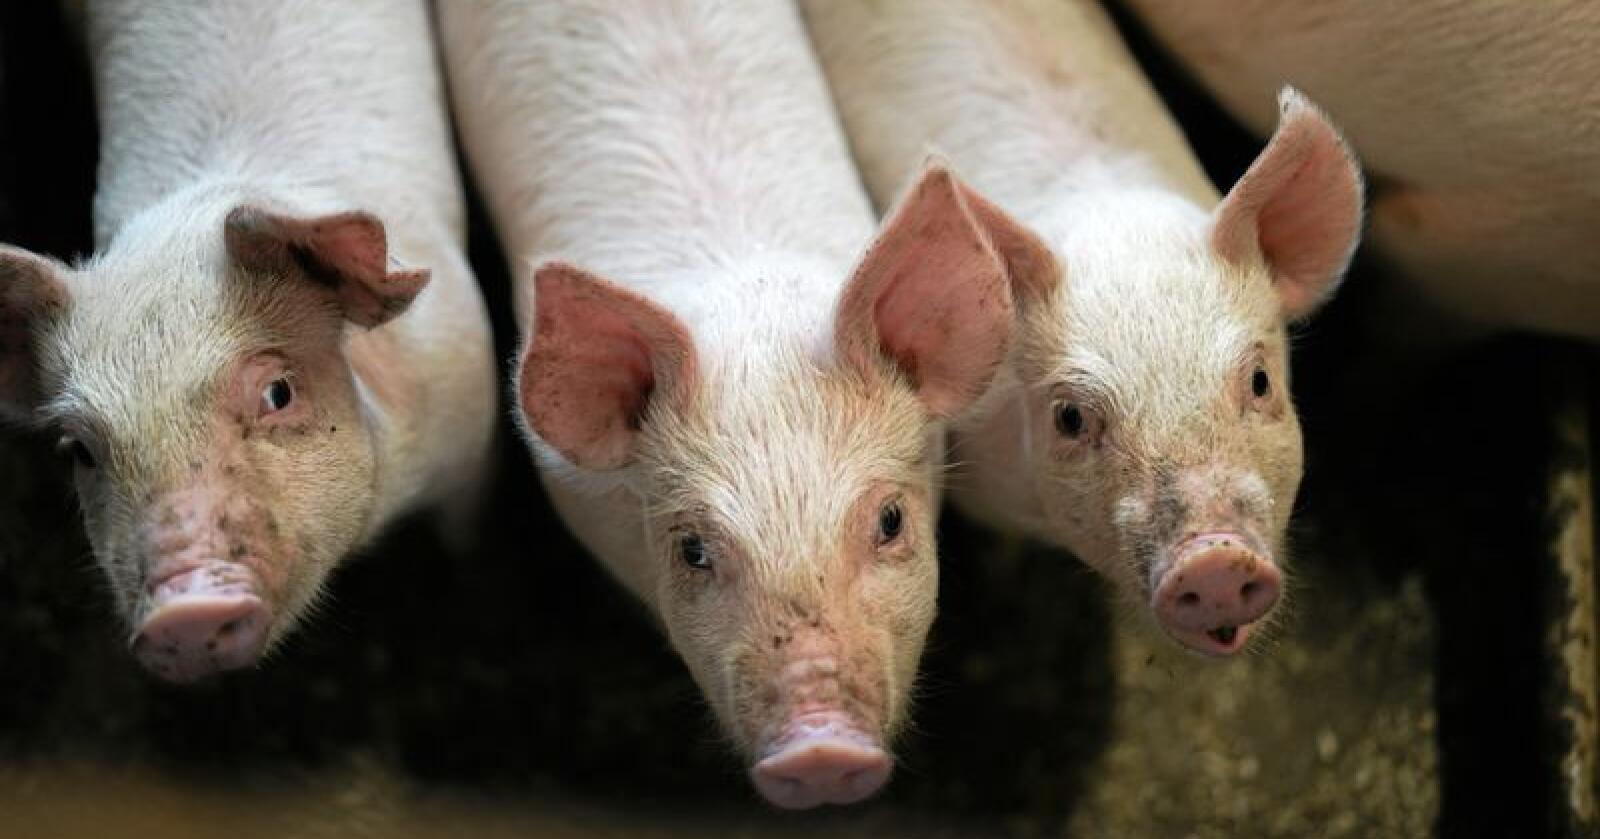 Bulgaria melder om flere og flere utbrudd av afrikansk svinepest i landet. Illustrasjonsfoto: Benjamin Hernes Vogl